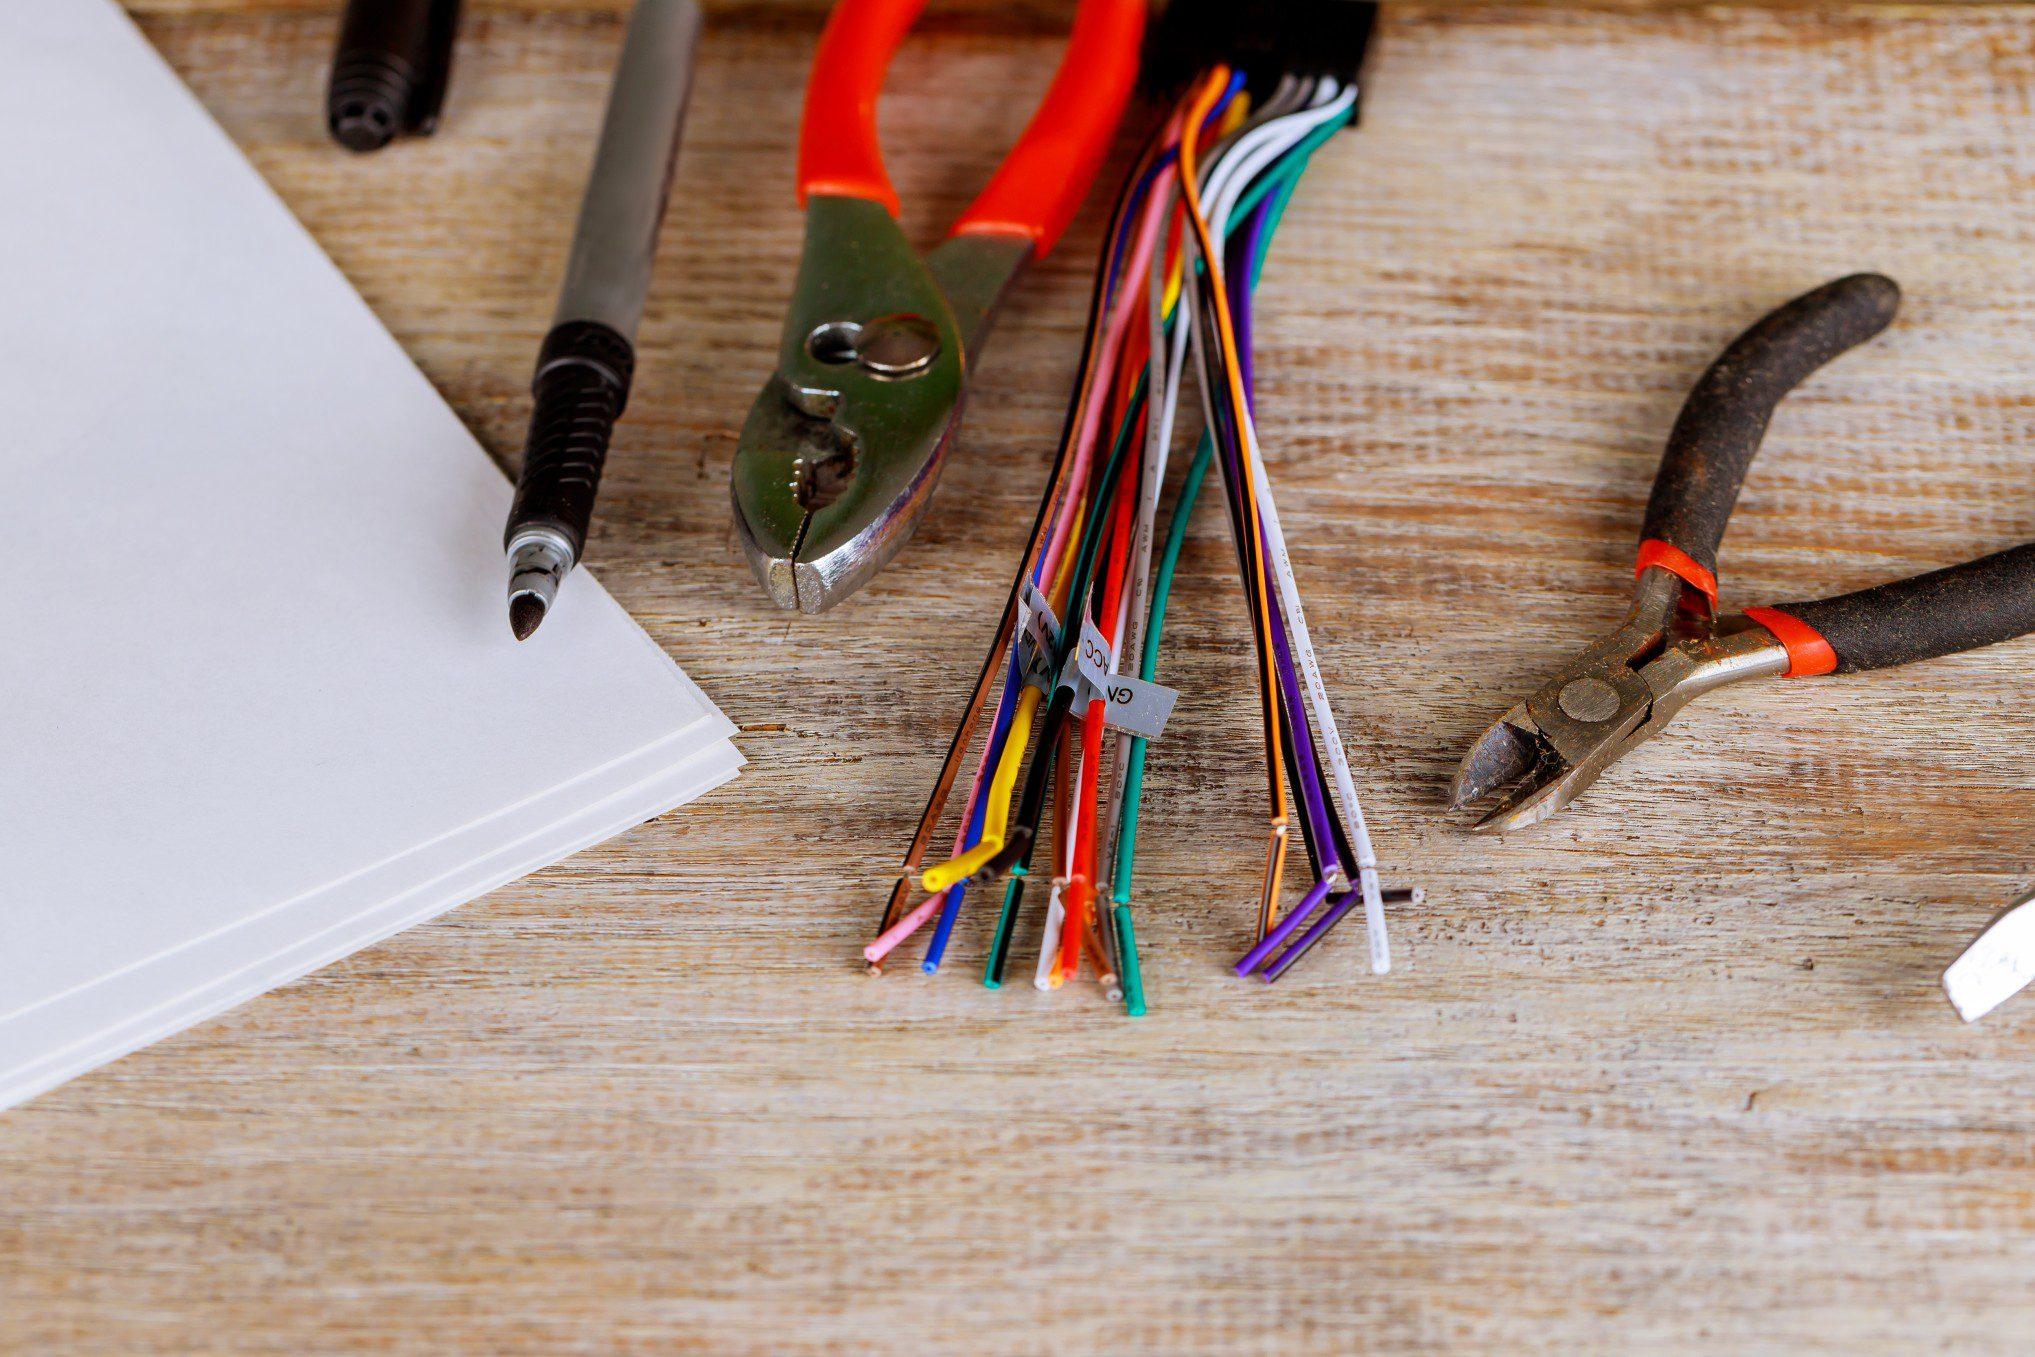 12v rv wire